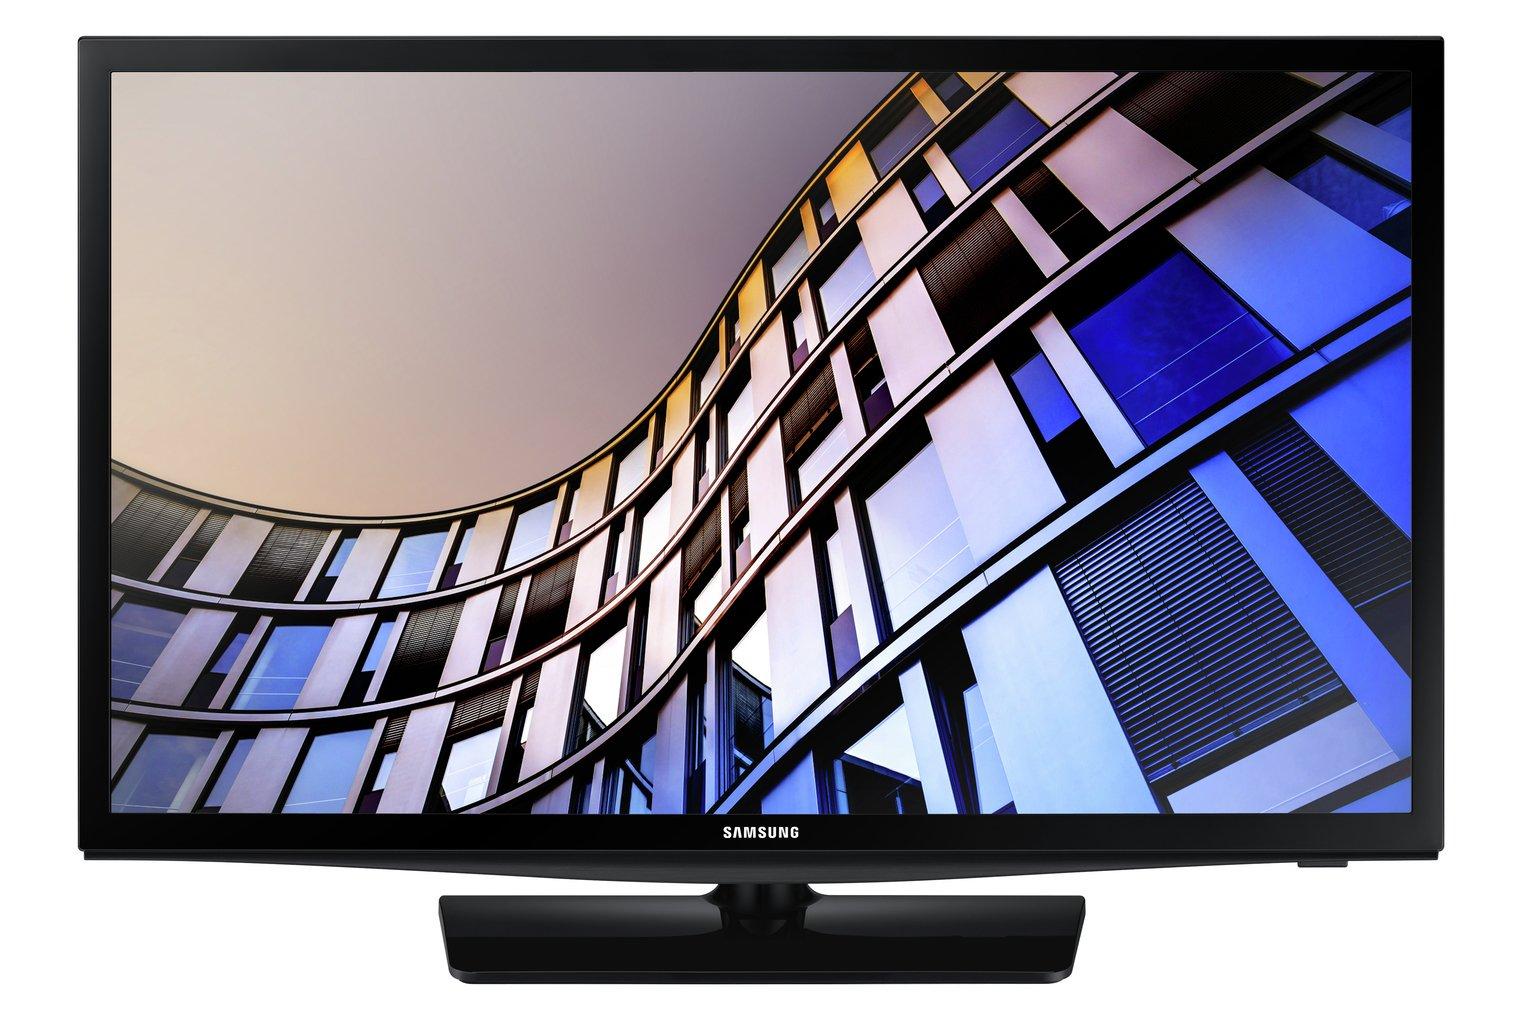 Samsung 24 Inch UE24N4300 Smart HD Ready TV